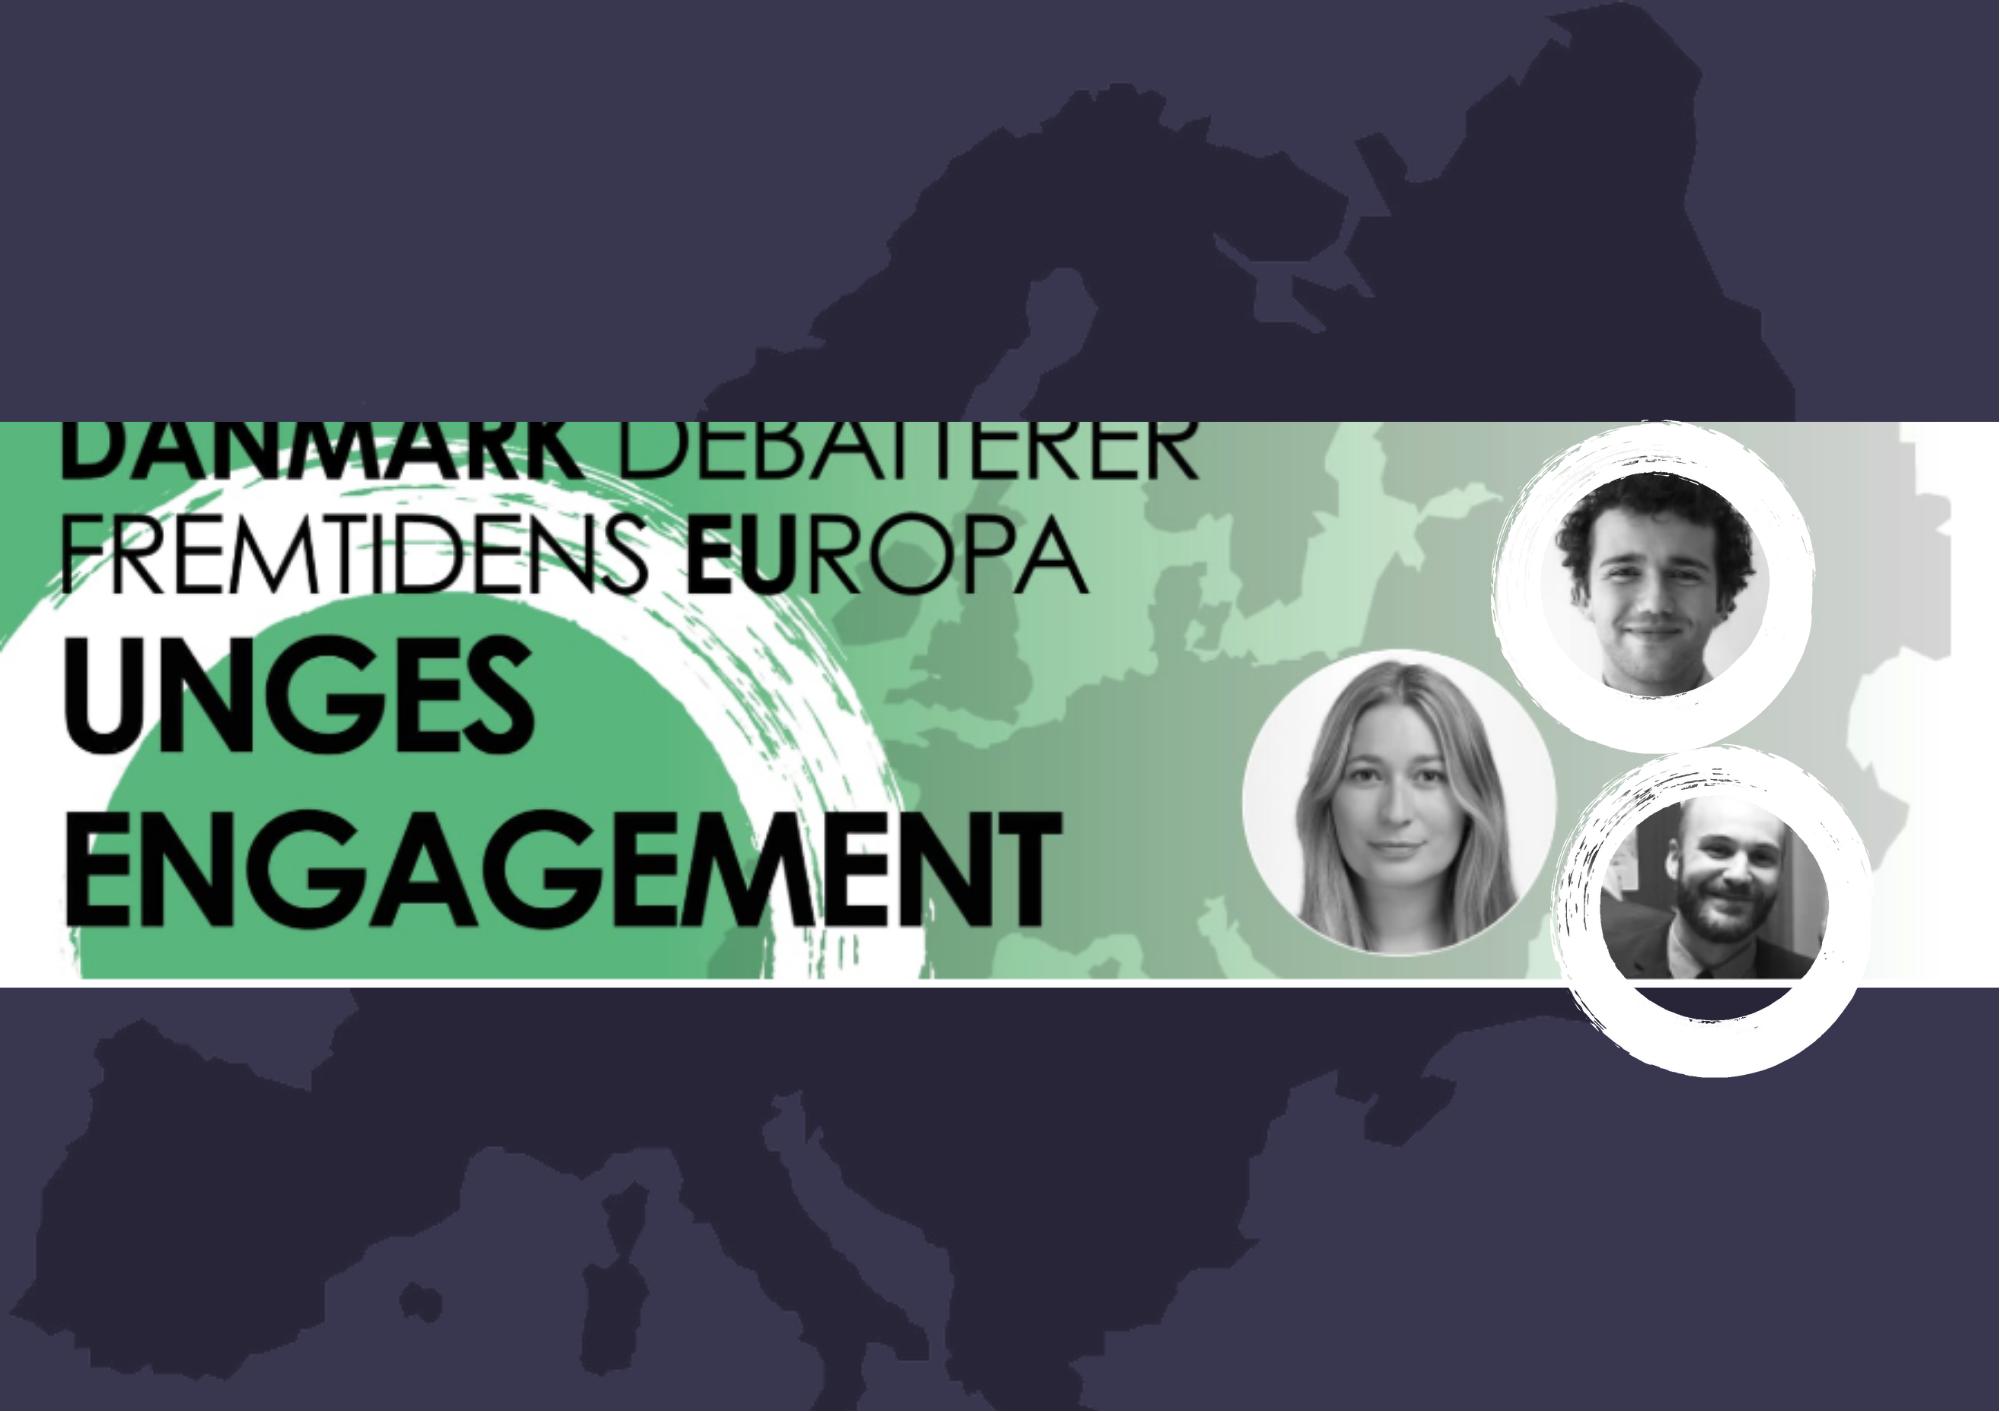 Europa-Nævnet, DEO, Europabevægelsen, Nyt Europa, Fagbevægelsen mod Unionen, Folkebevægelsen mod EU, Europanu og Europa-Parlamentets kontor i Danmark